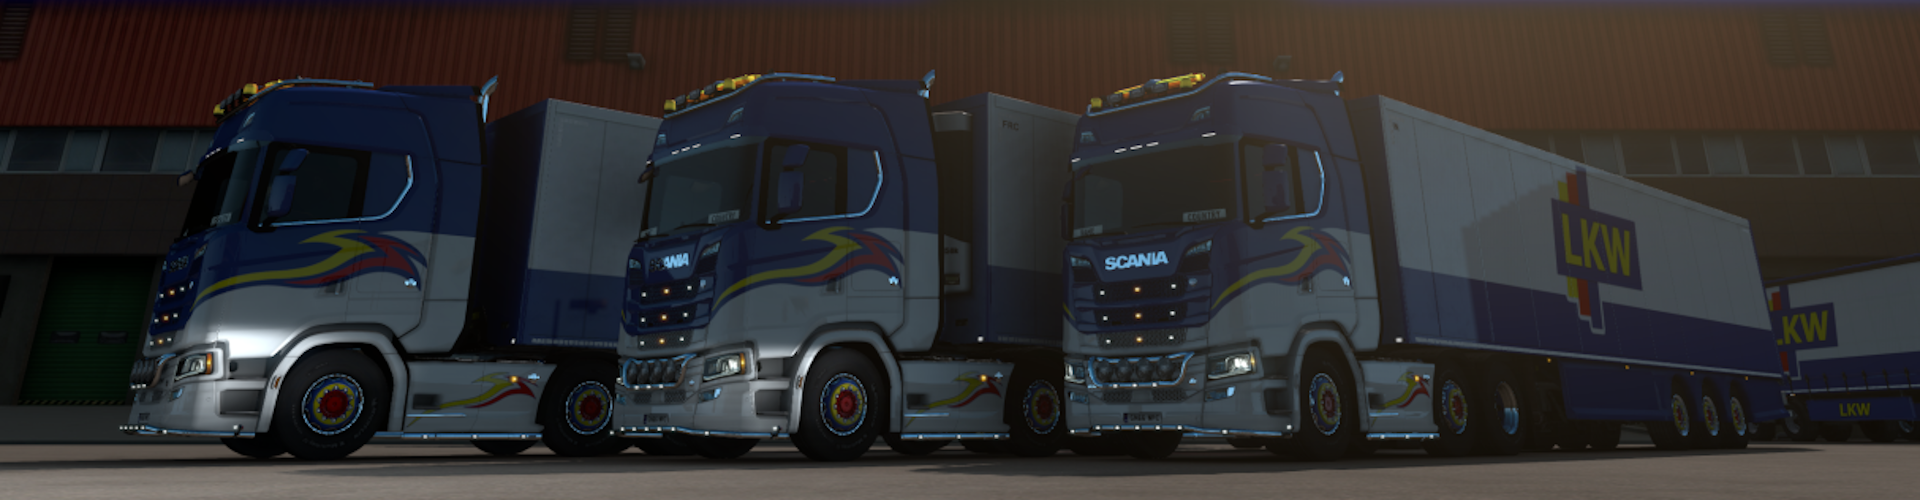 LKW Logistics Monthly Convoy #5